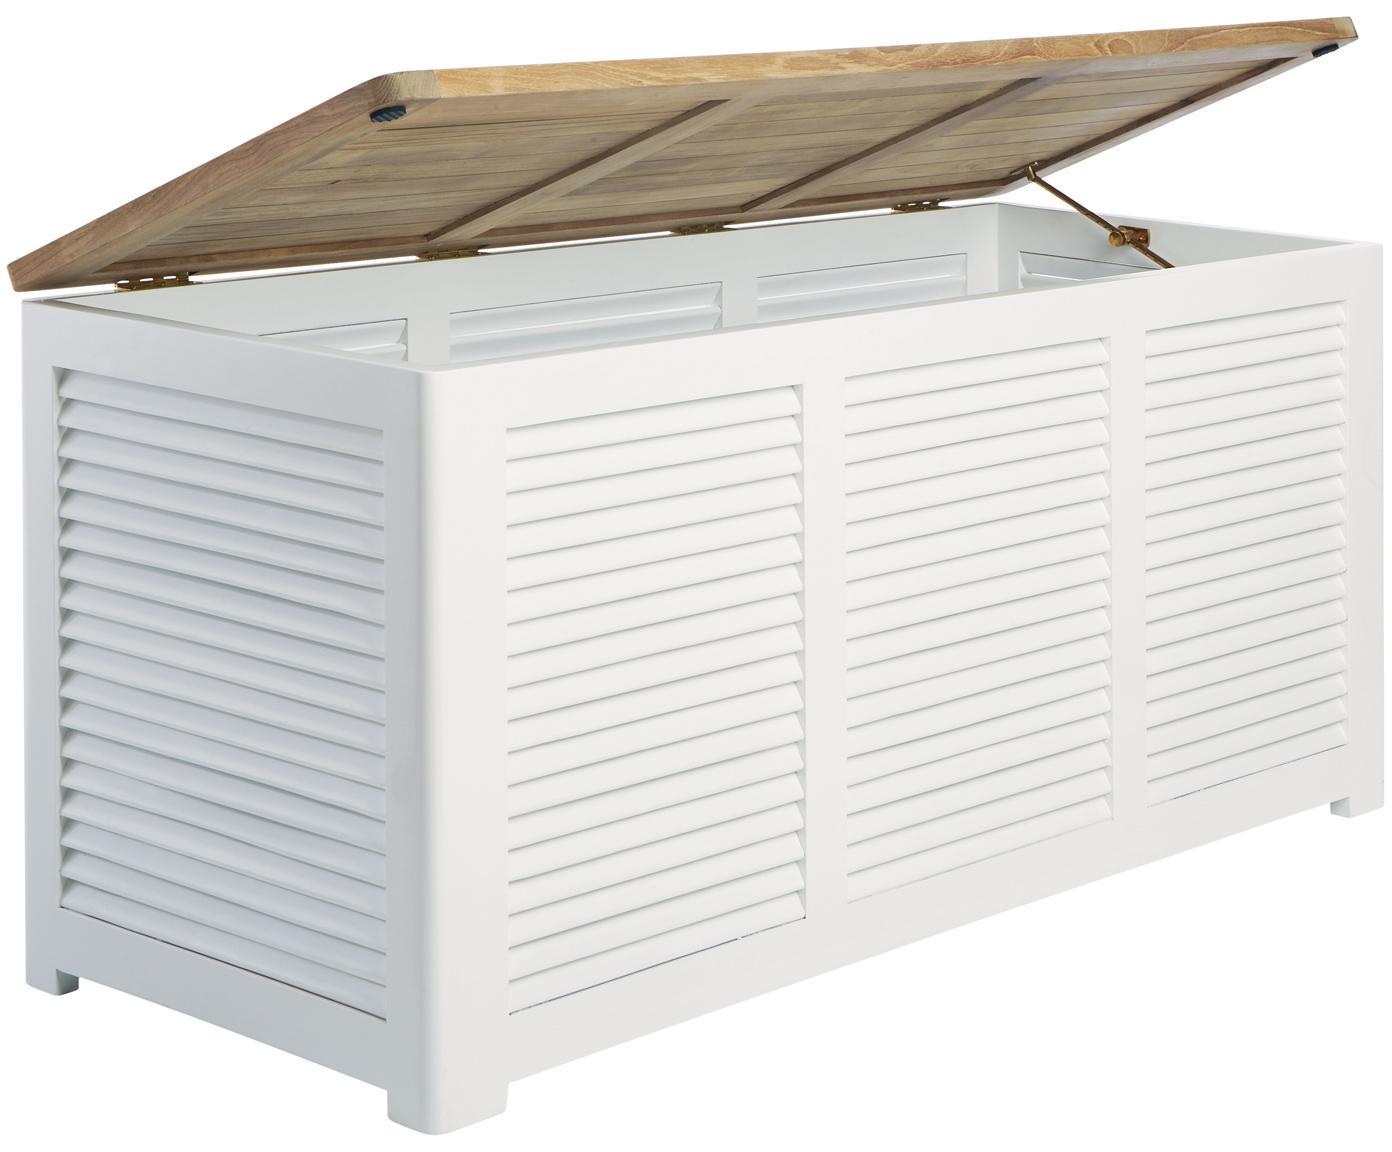 Cassapanca da giardino in legno Storage, Coperchio: legno di teak, sabbiato C, Teak, bianco, Larg. 130 x Alt. 60 cm